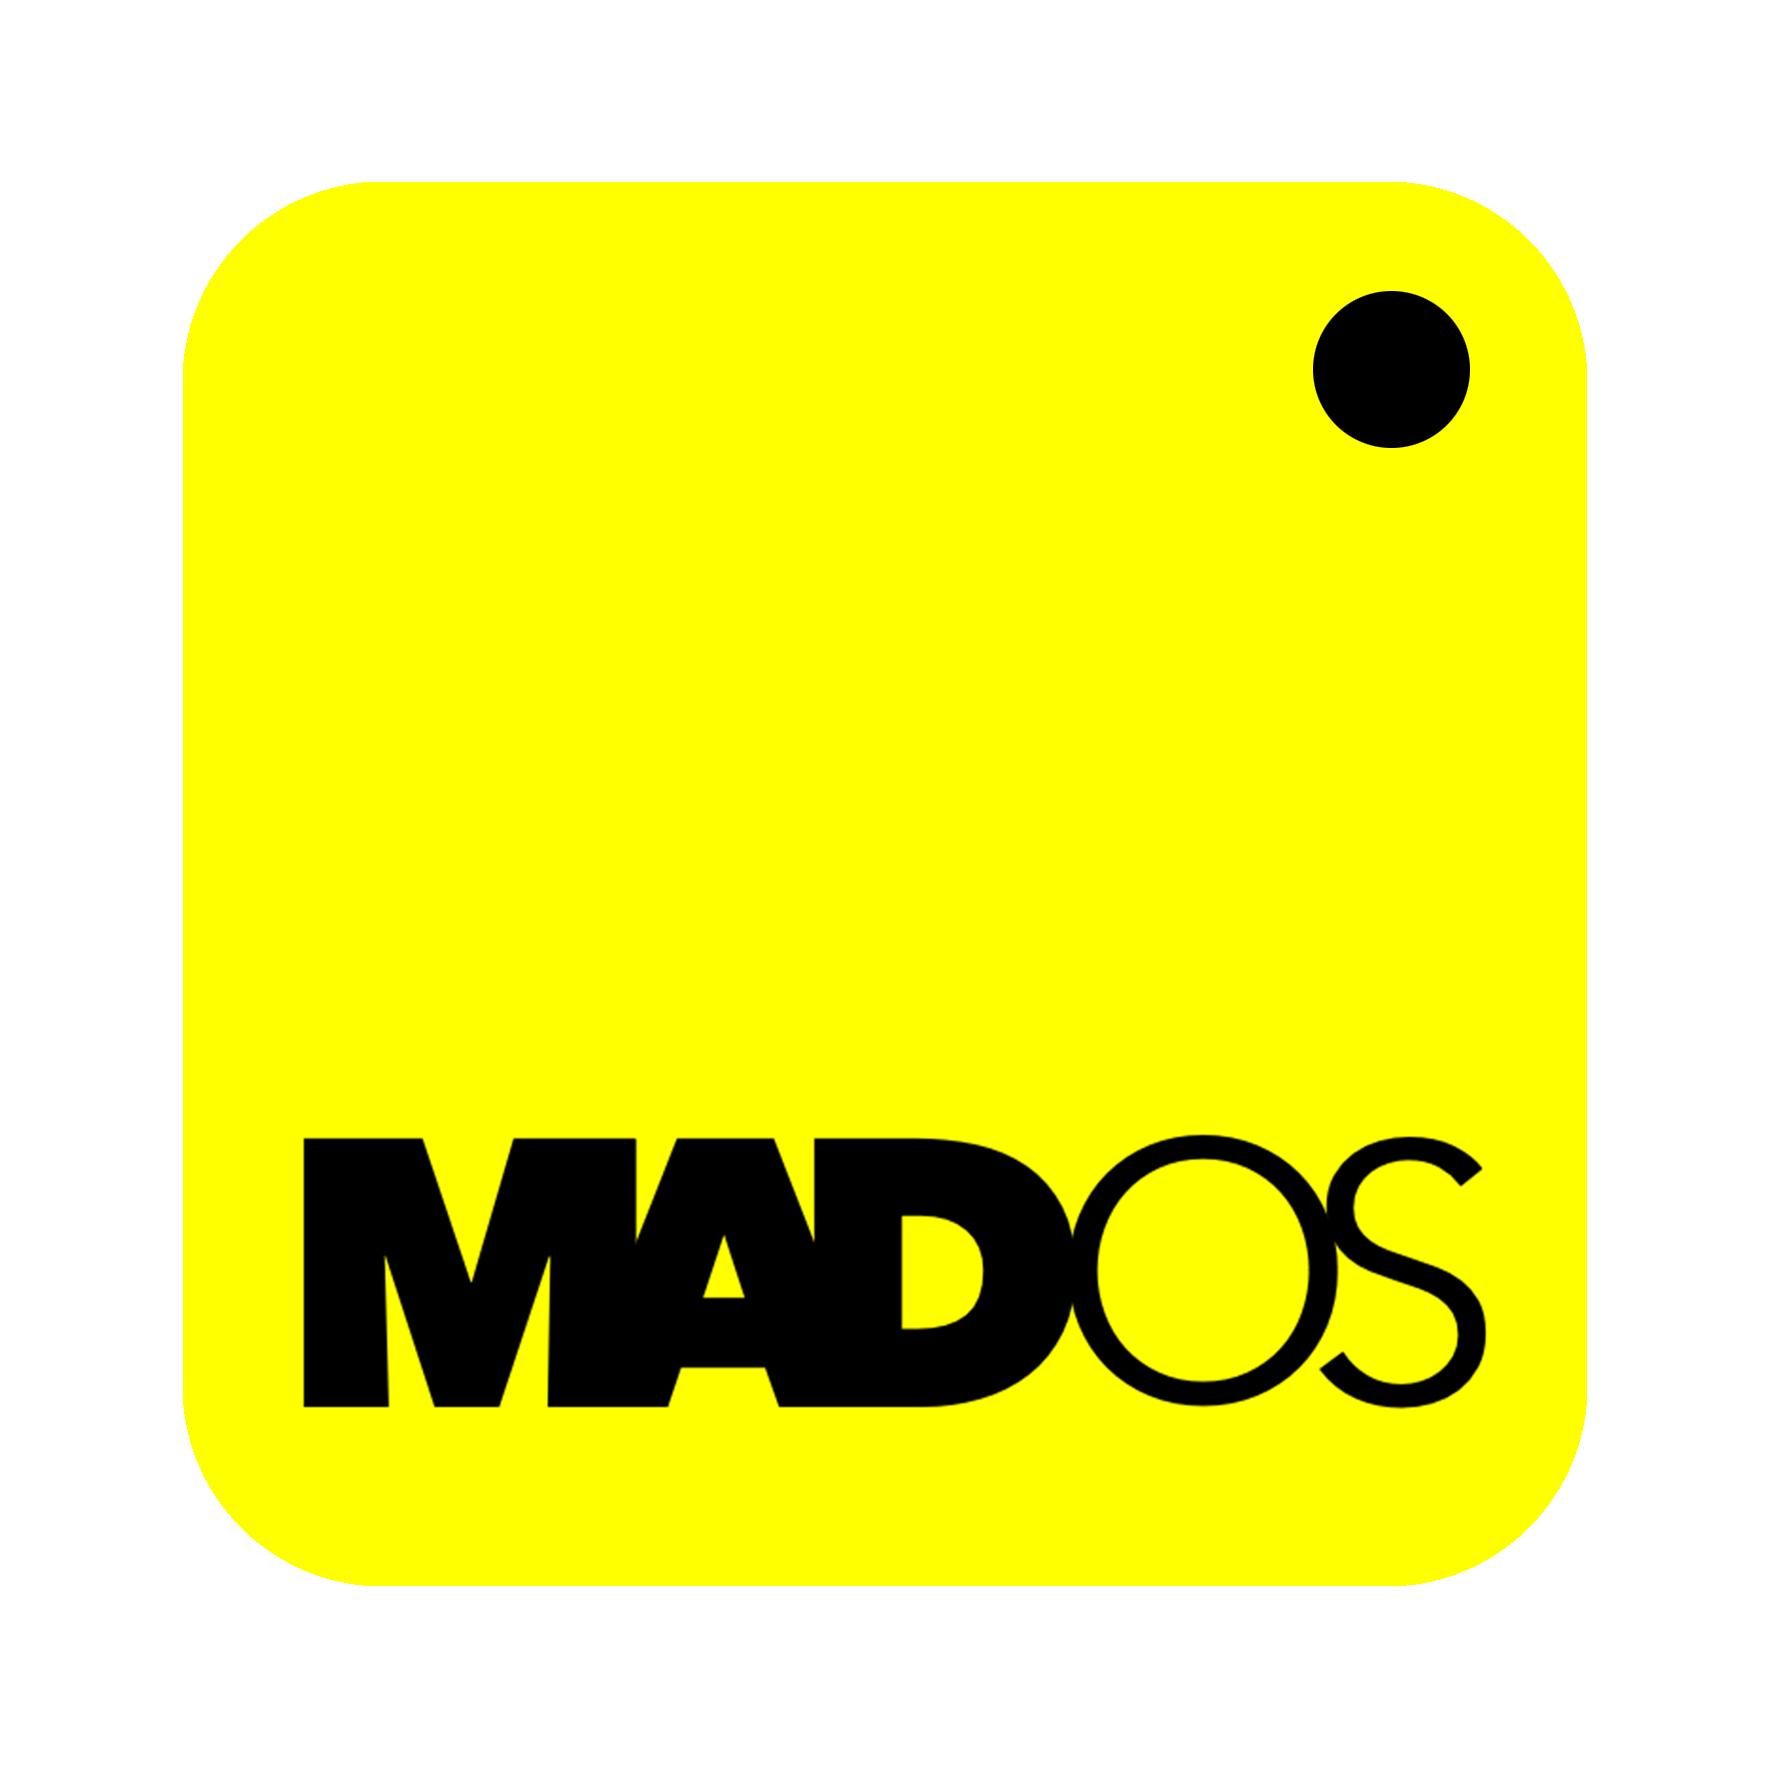 MadOS